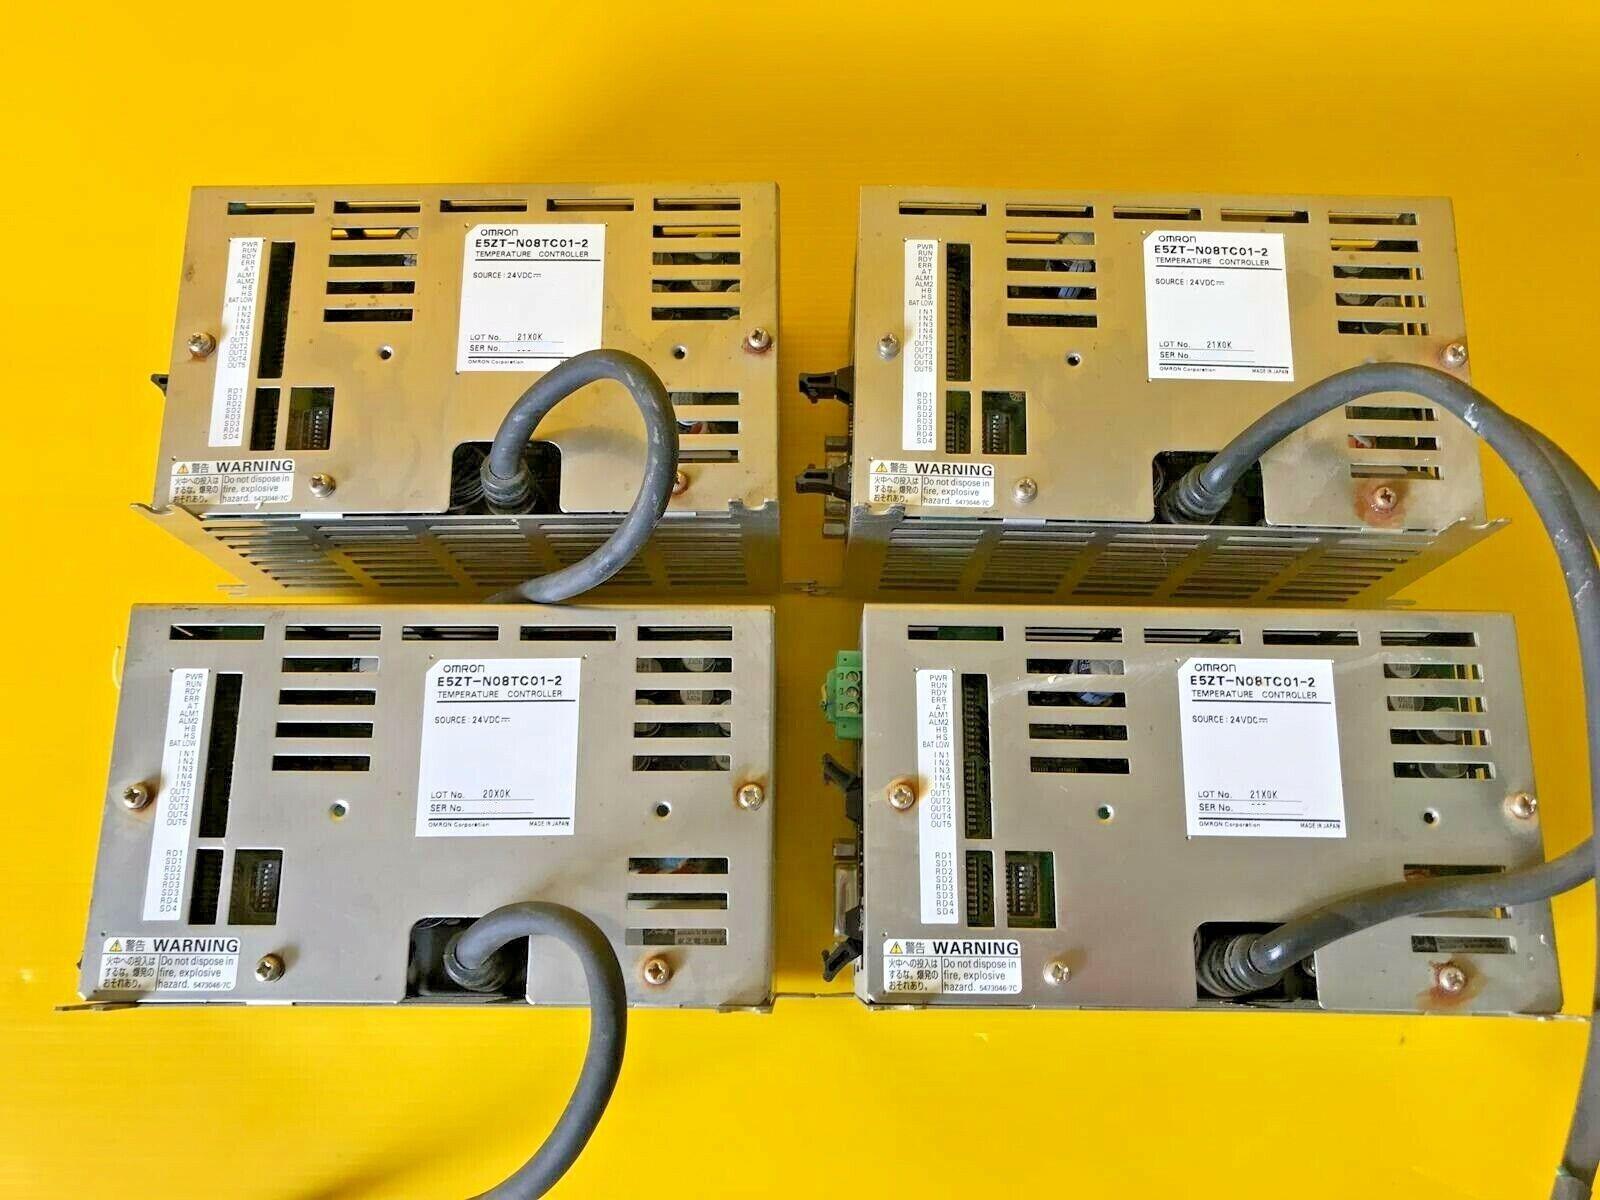 4PCS OMRON E5ZT-N08TC01-2 TEMPERATURE CONTROLLER